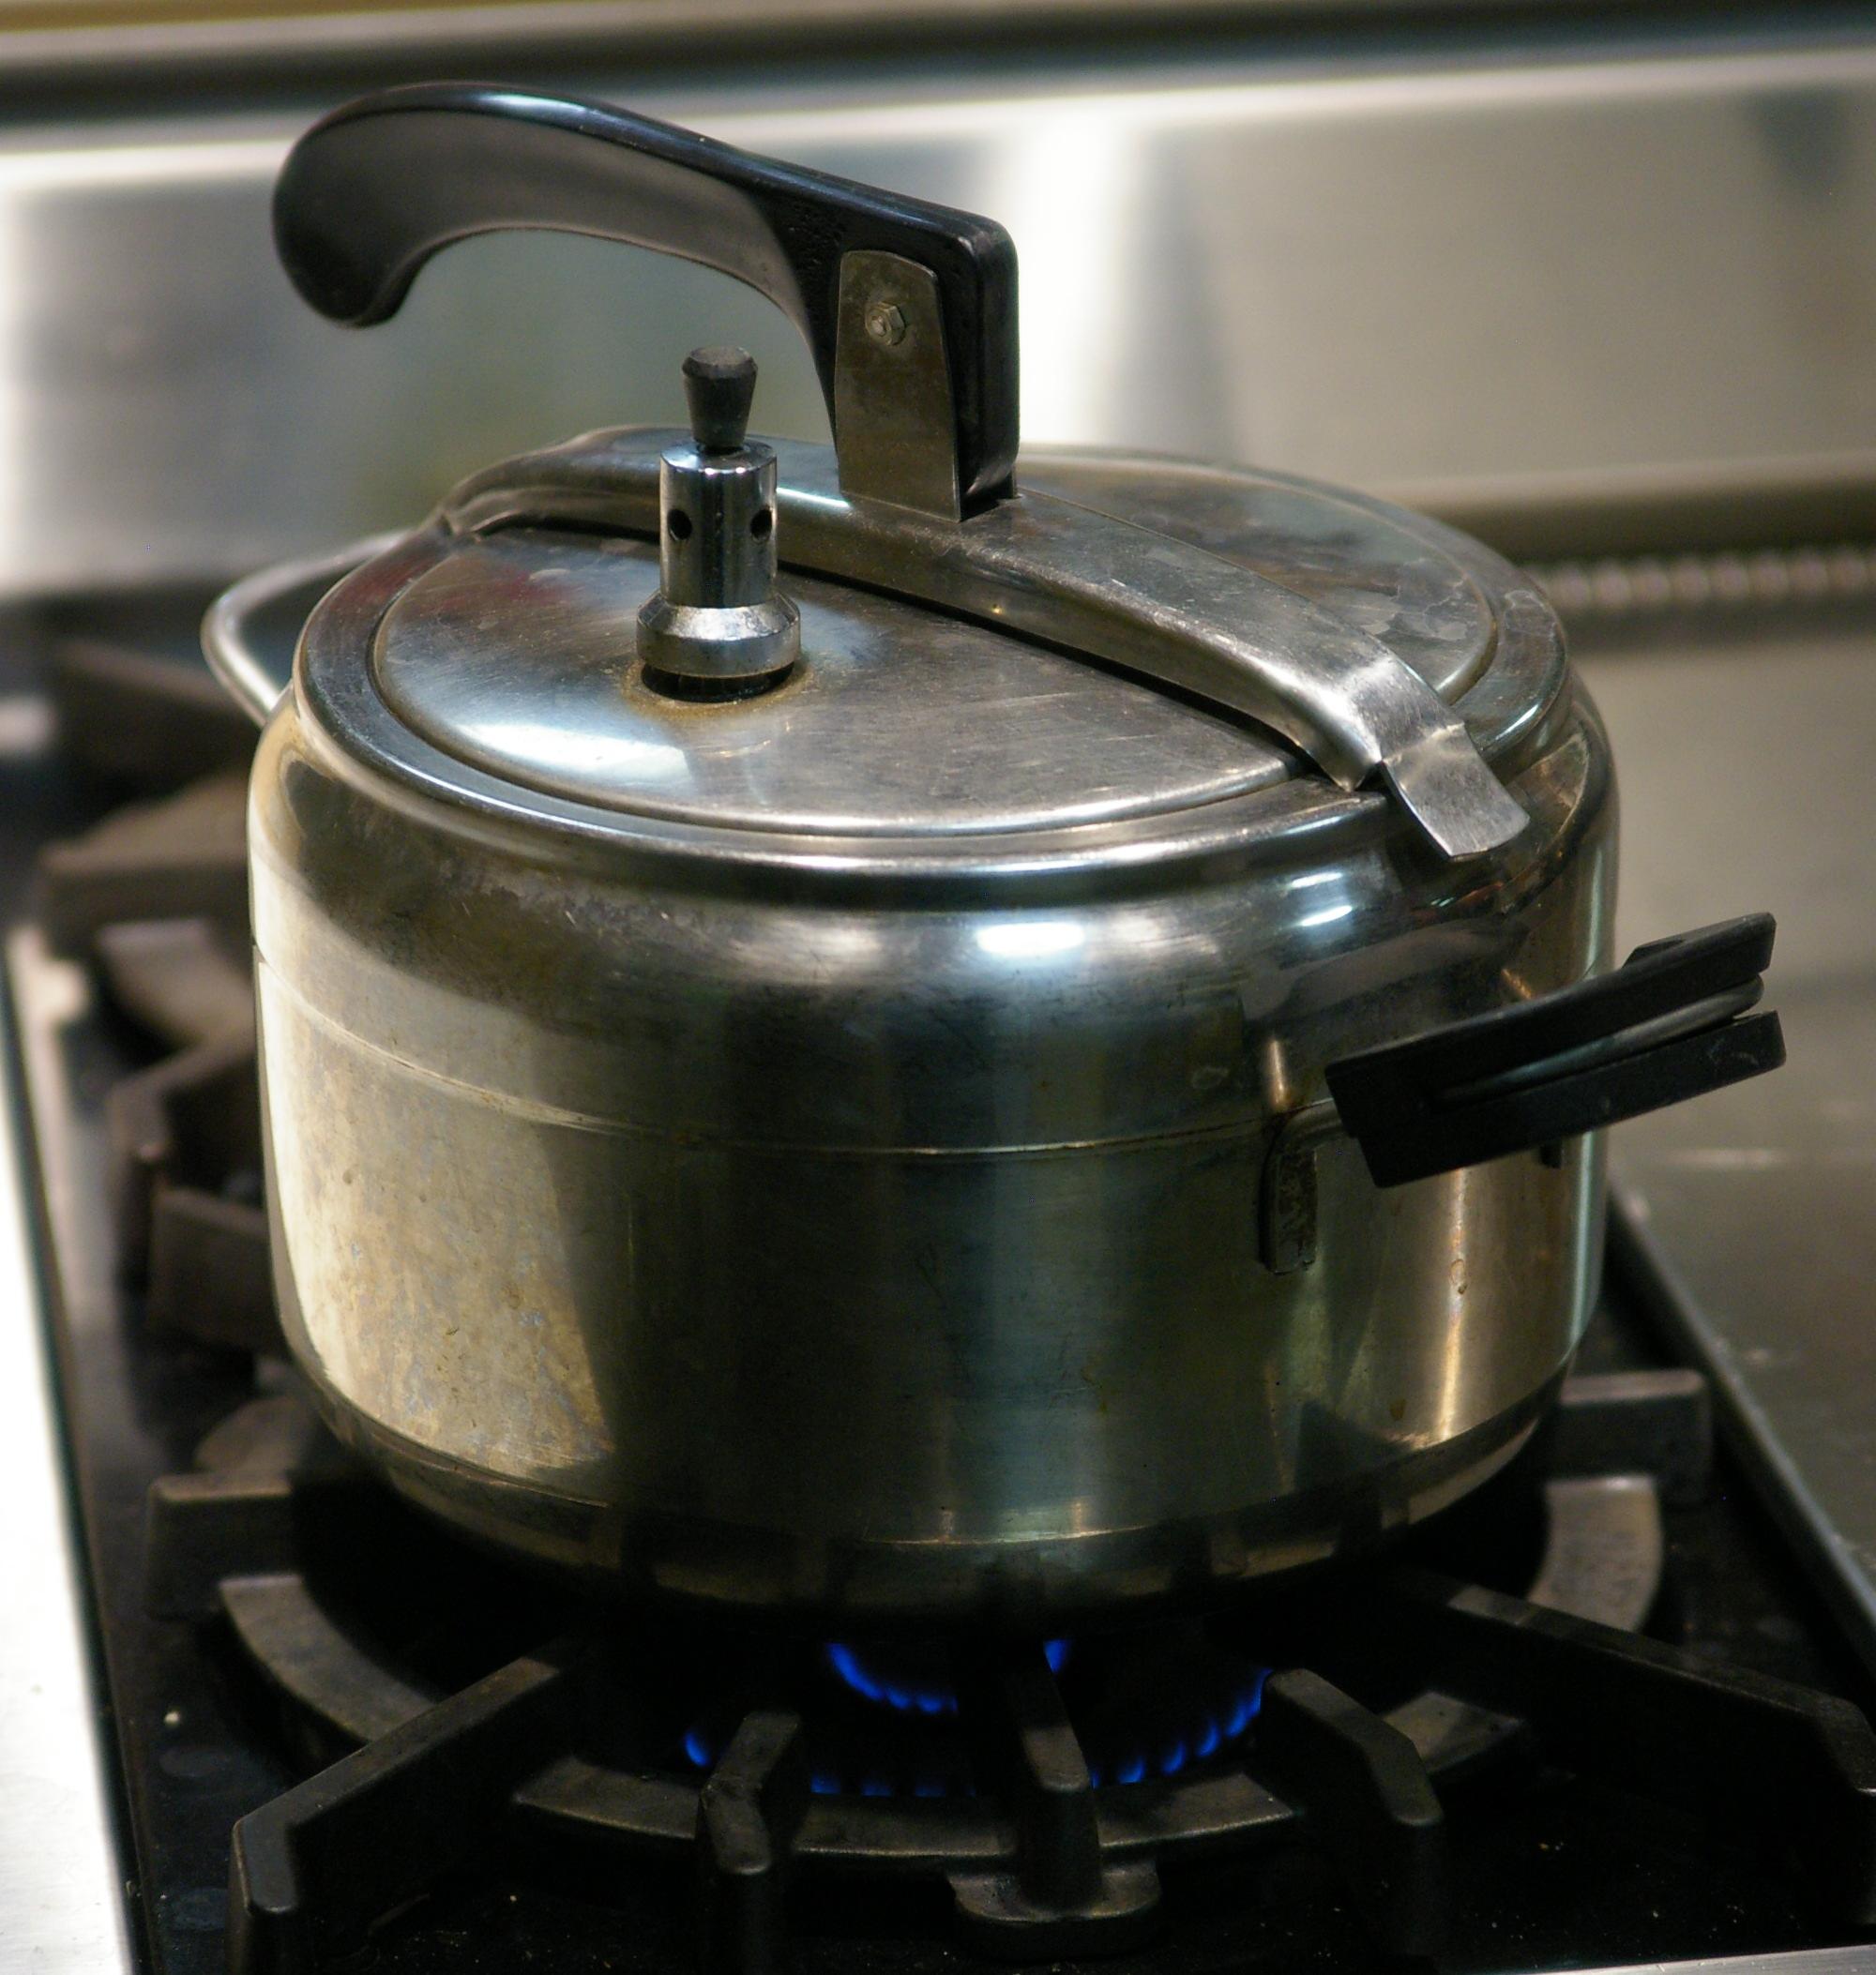 Pressure_cooker_oval_lid